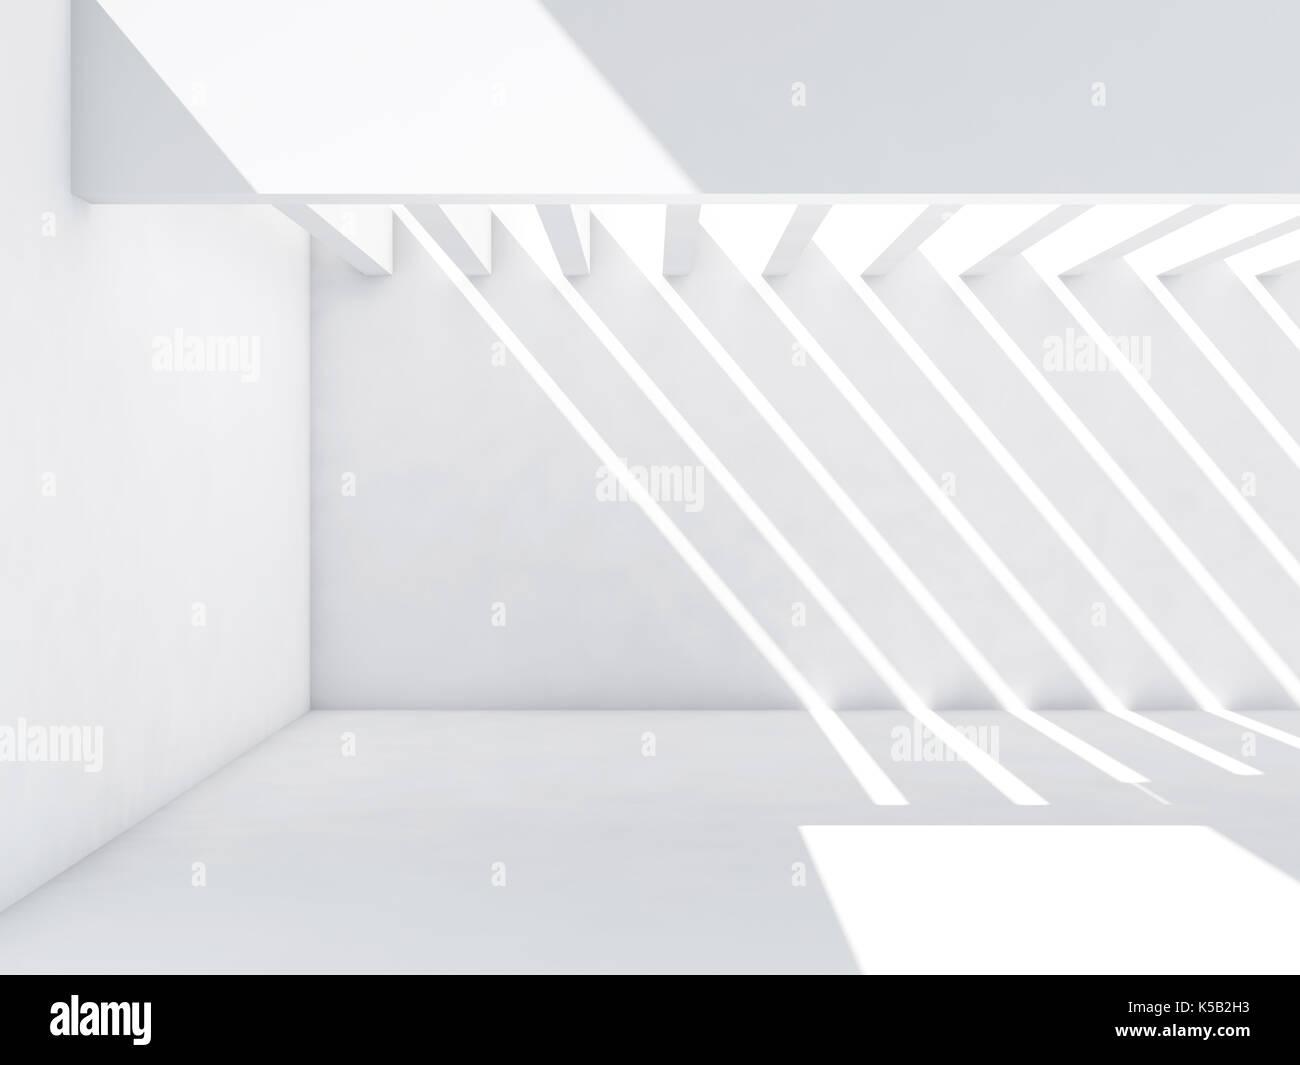 Abstrakte Leeren Innenraum Hintergrund. Weiße Zimmer Mit Muster Der  Lichtstrahlen über Die Wände Stockbild